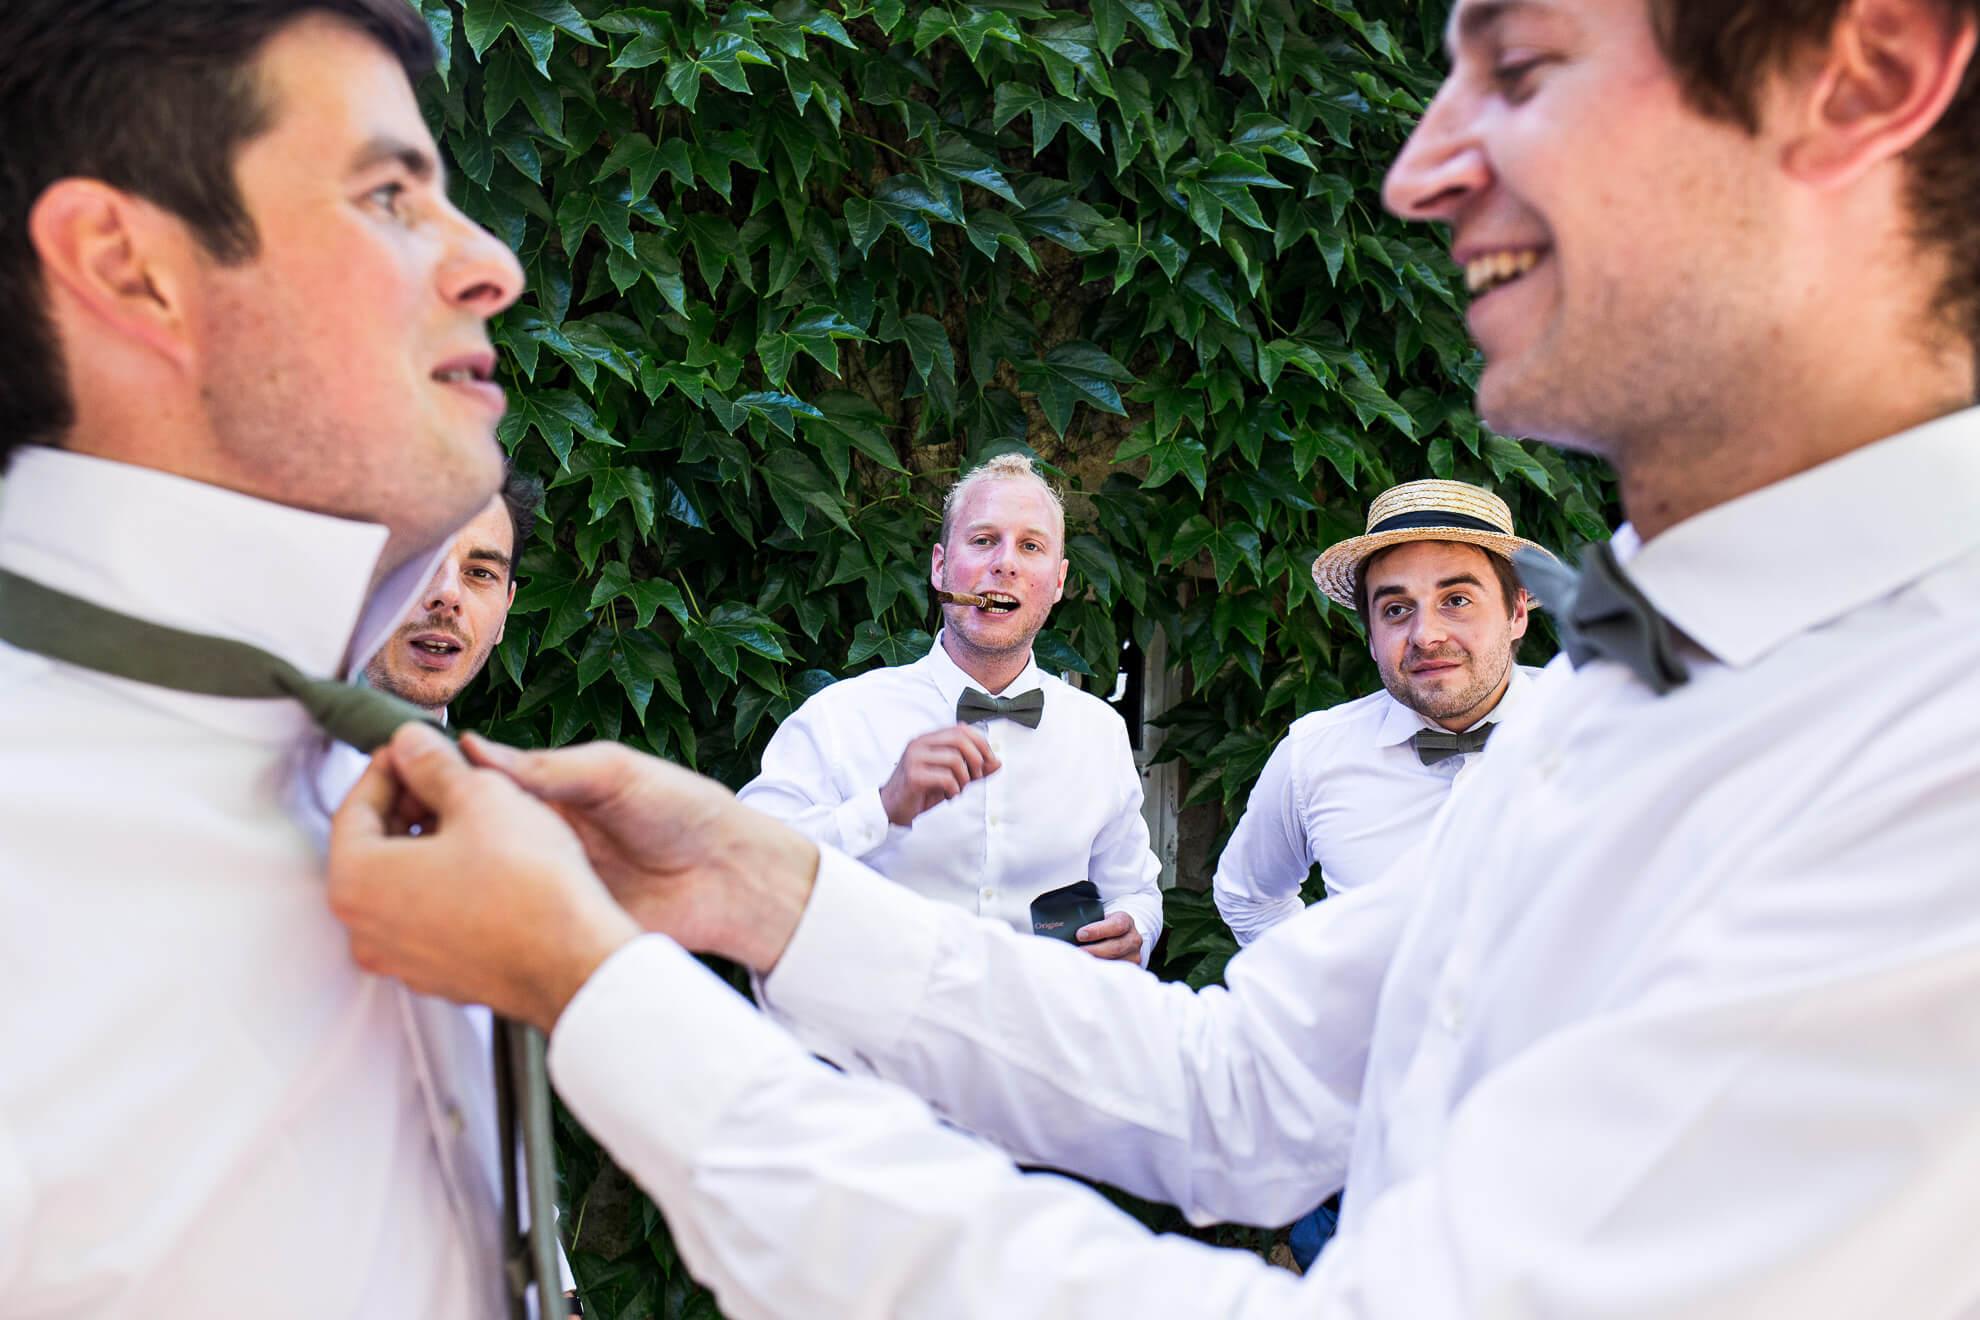 Témoins préparants le marié devant une vigne